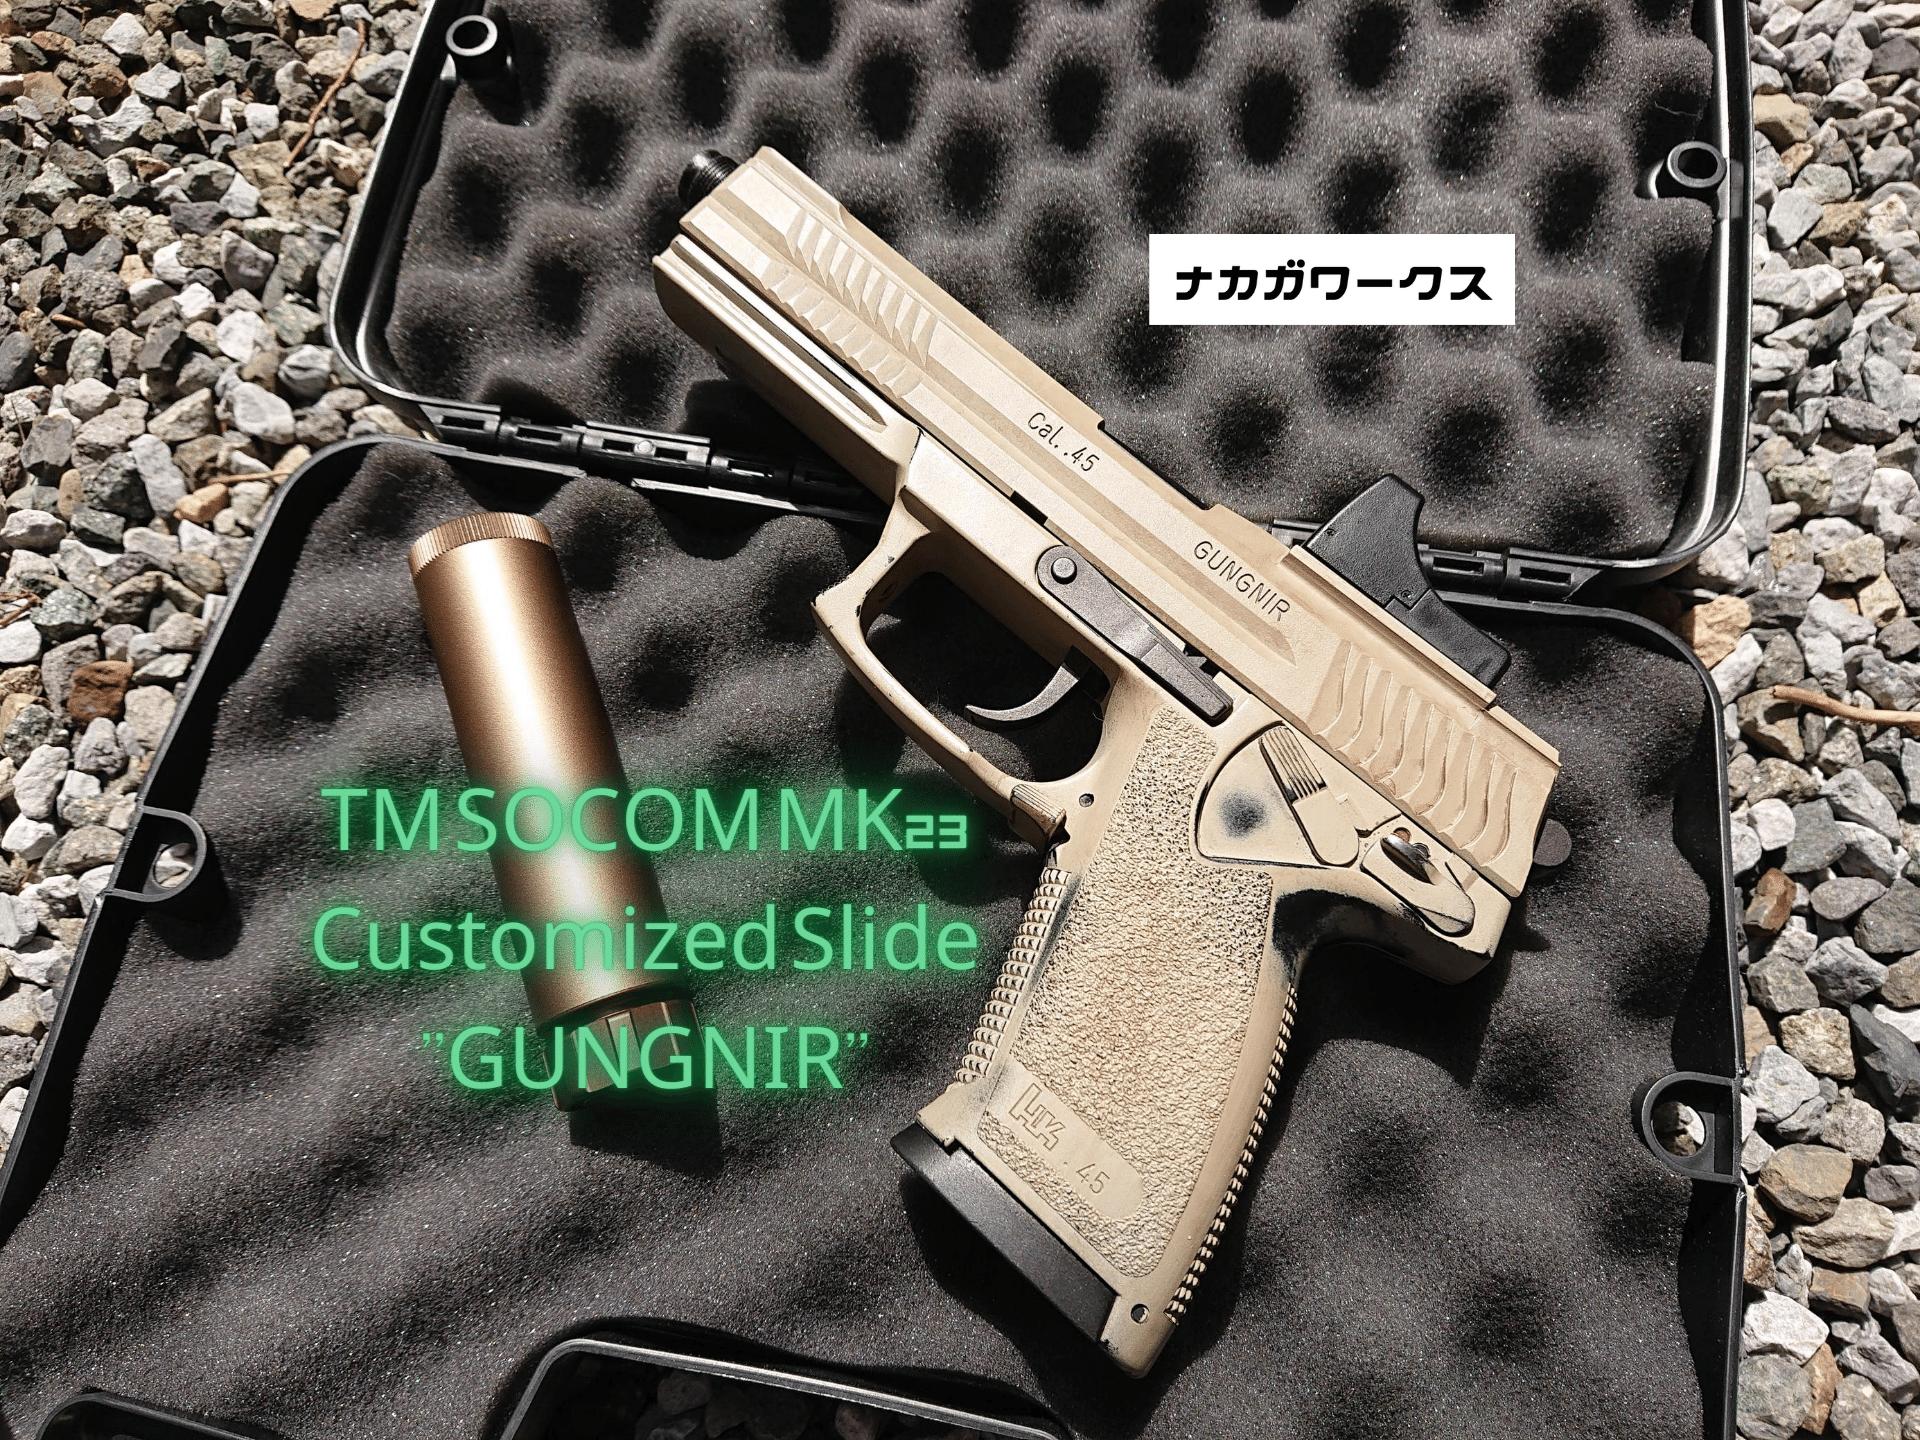 【完成】マルイ SOCOM Mk23用カスタムスライド ガングニールの塗装 その2 /Laylax GUNGNIR